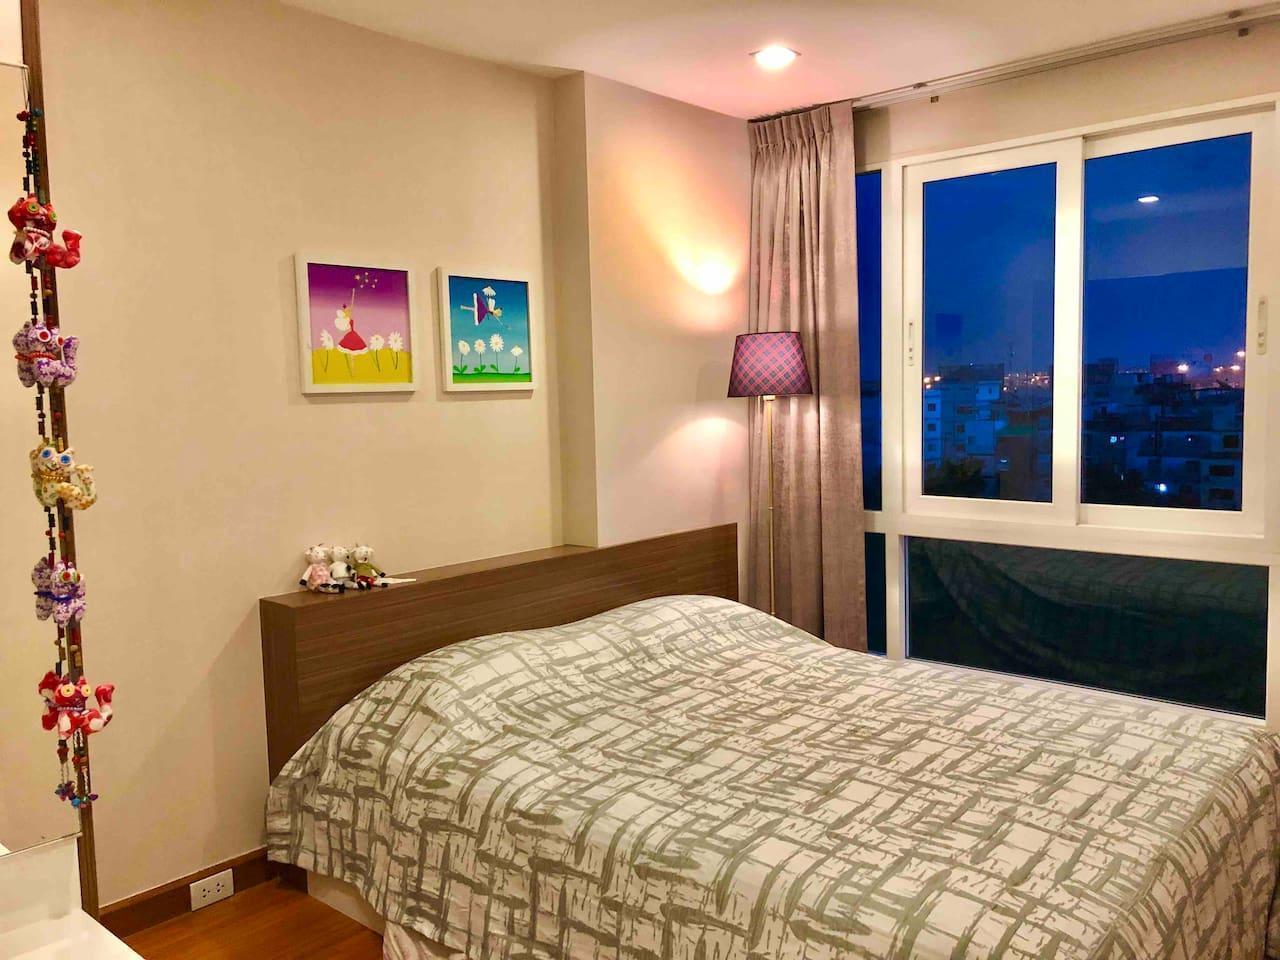 Nano Airport Condo อพาร์ตเมนต์ 1 ห้องนอน 1 ห้องน้ำส่วนตัว ขนาด 40 ตร.ม. – สนามบินสุวรรณภูมิ